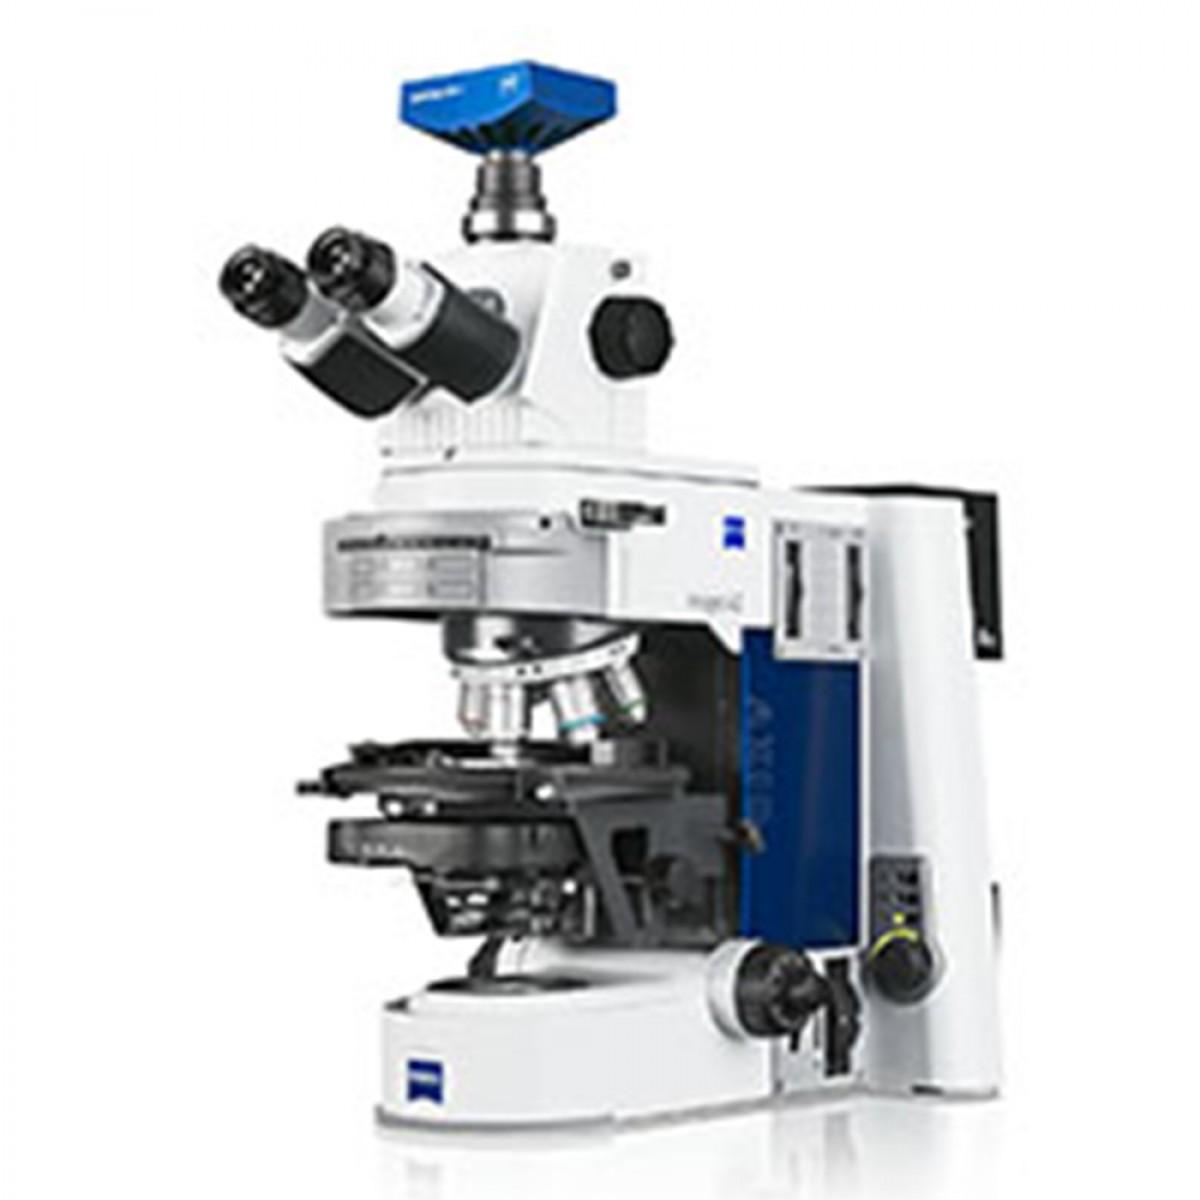 乐克严选 LEKOC 蔡司Axio Vert.A1研究级生物显微镜用于偏光